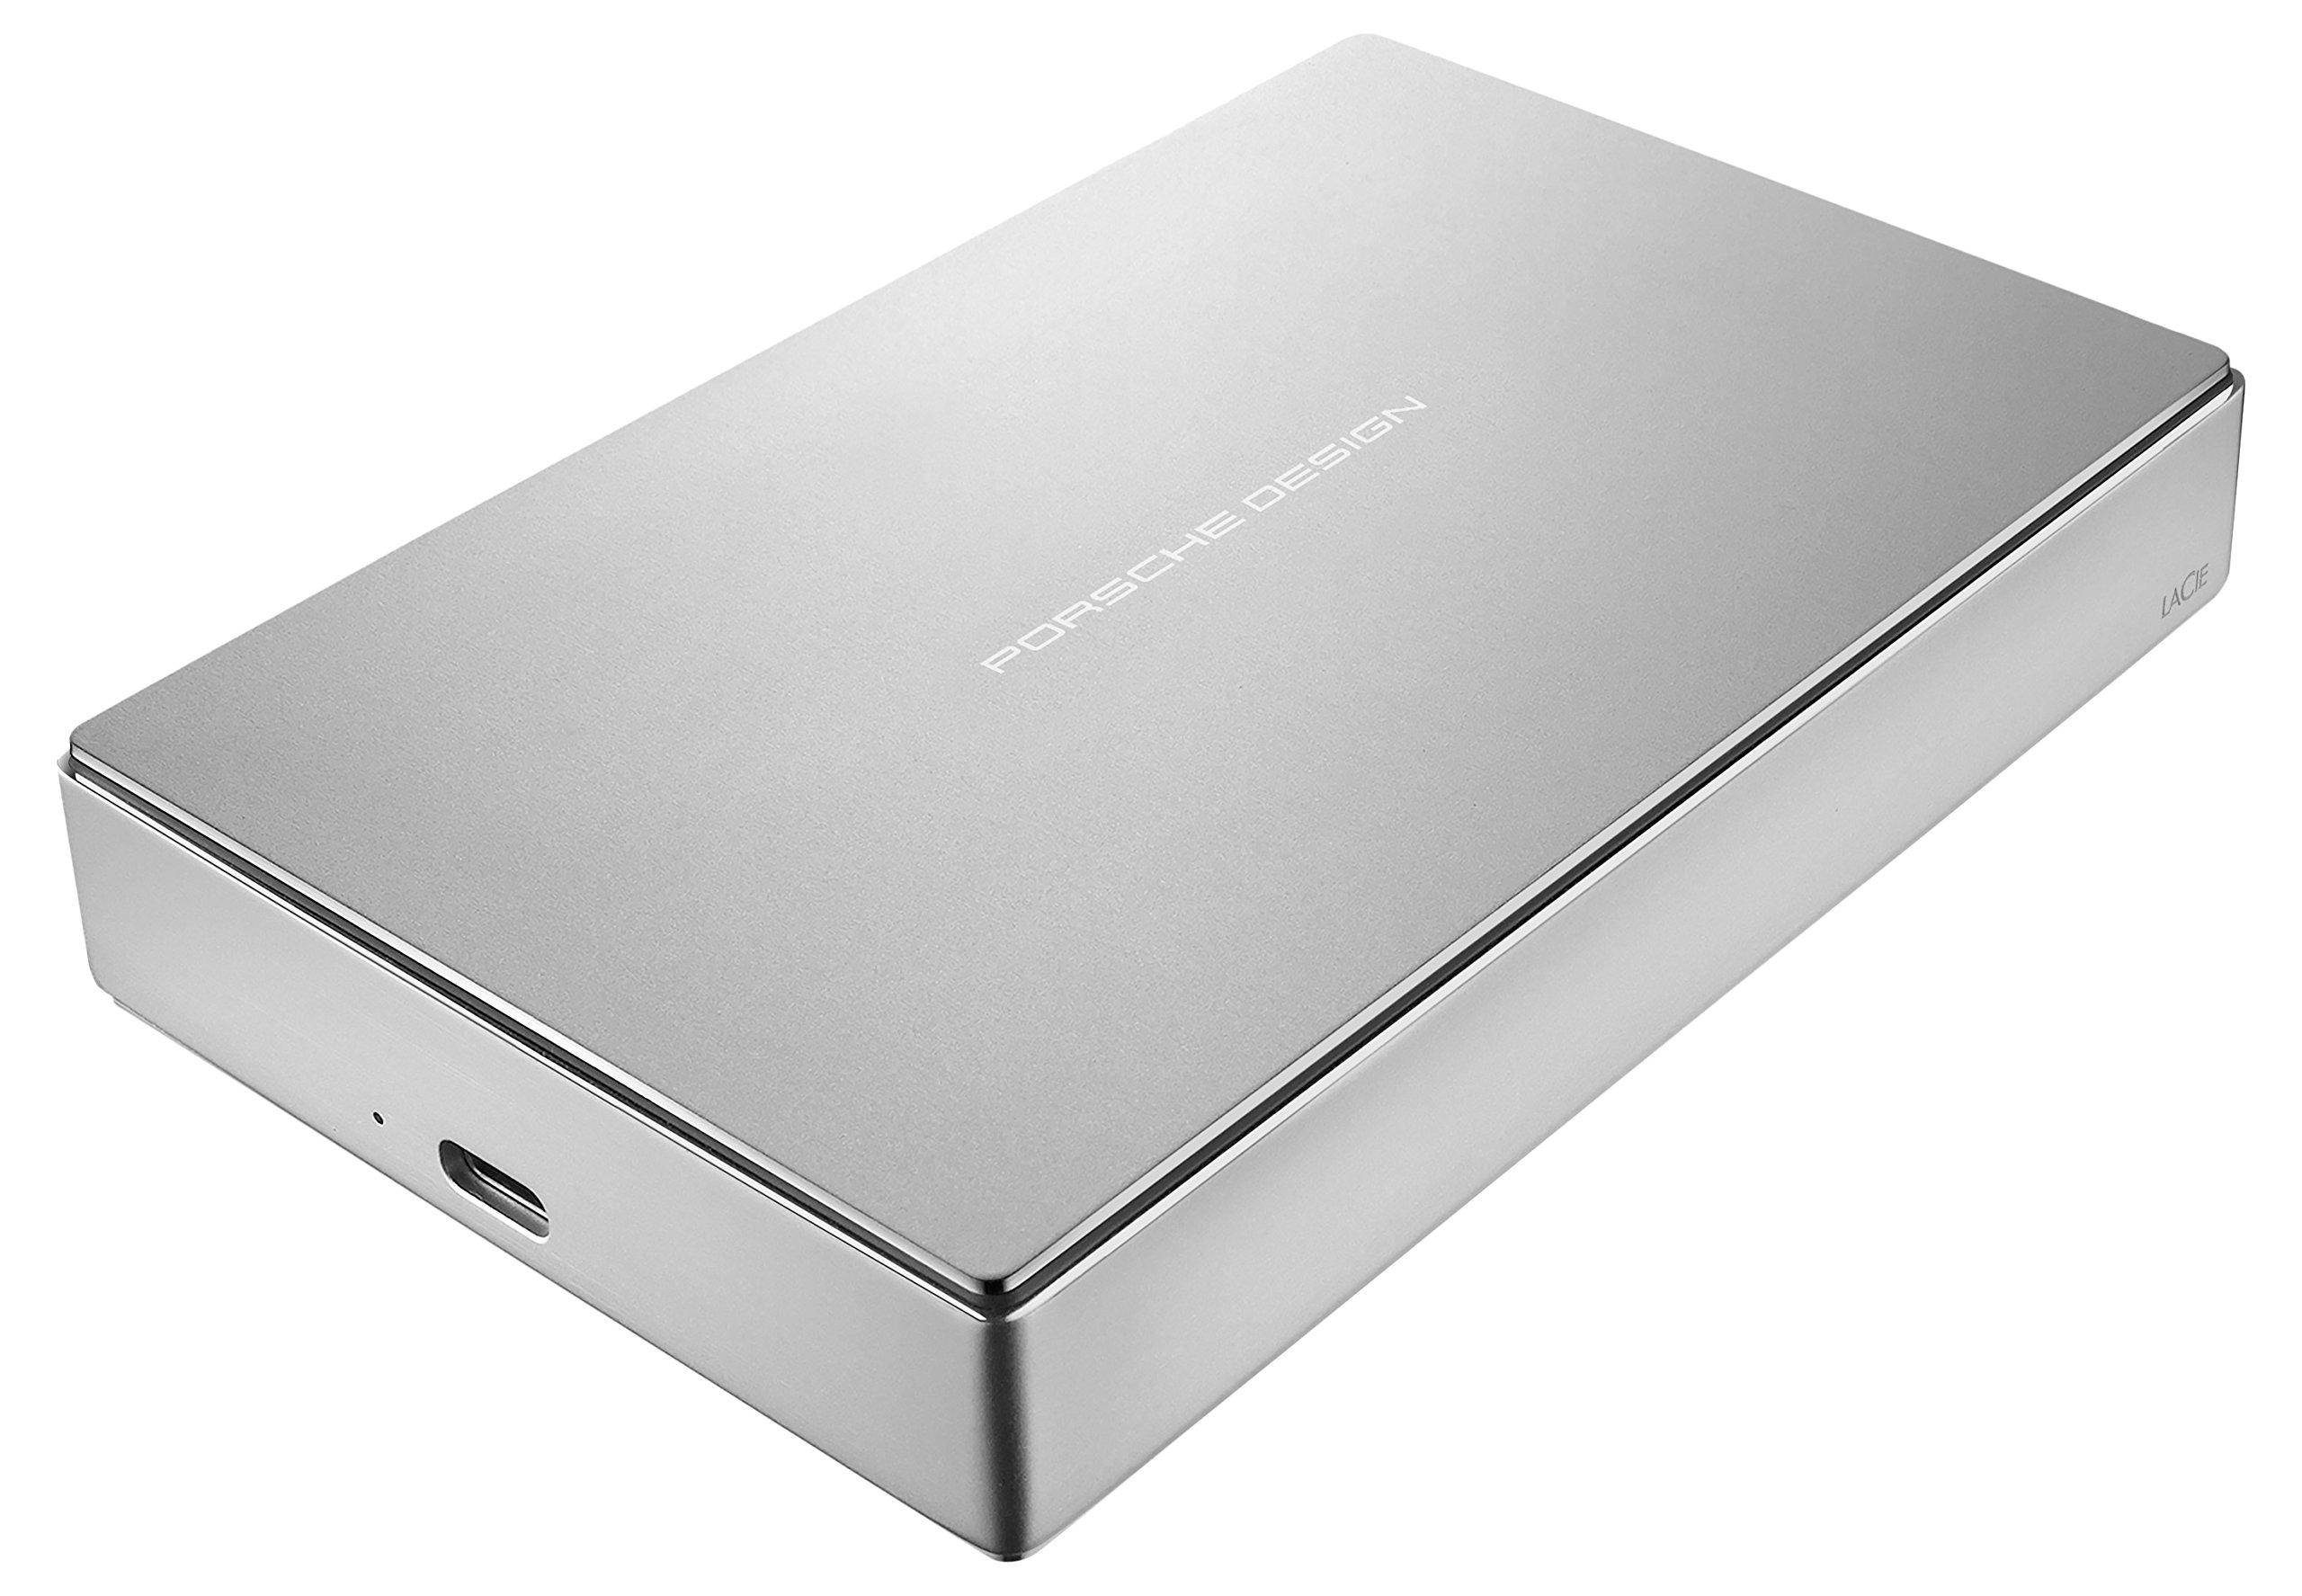 LaCie Porsche Design 5TB USB-C Mobile Hard Drive STFD5000400 - Silver by LaCie